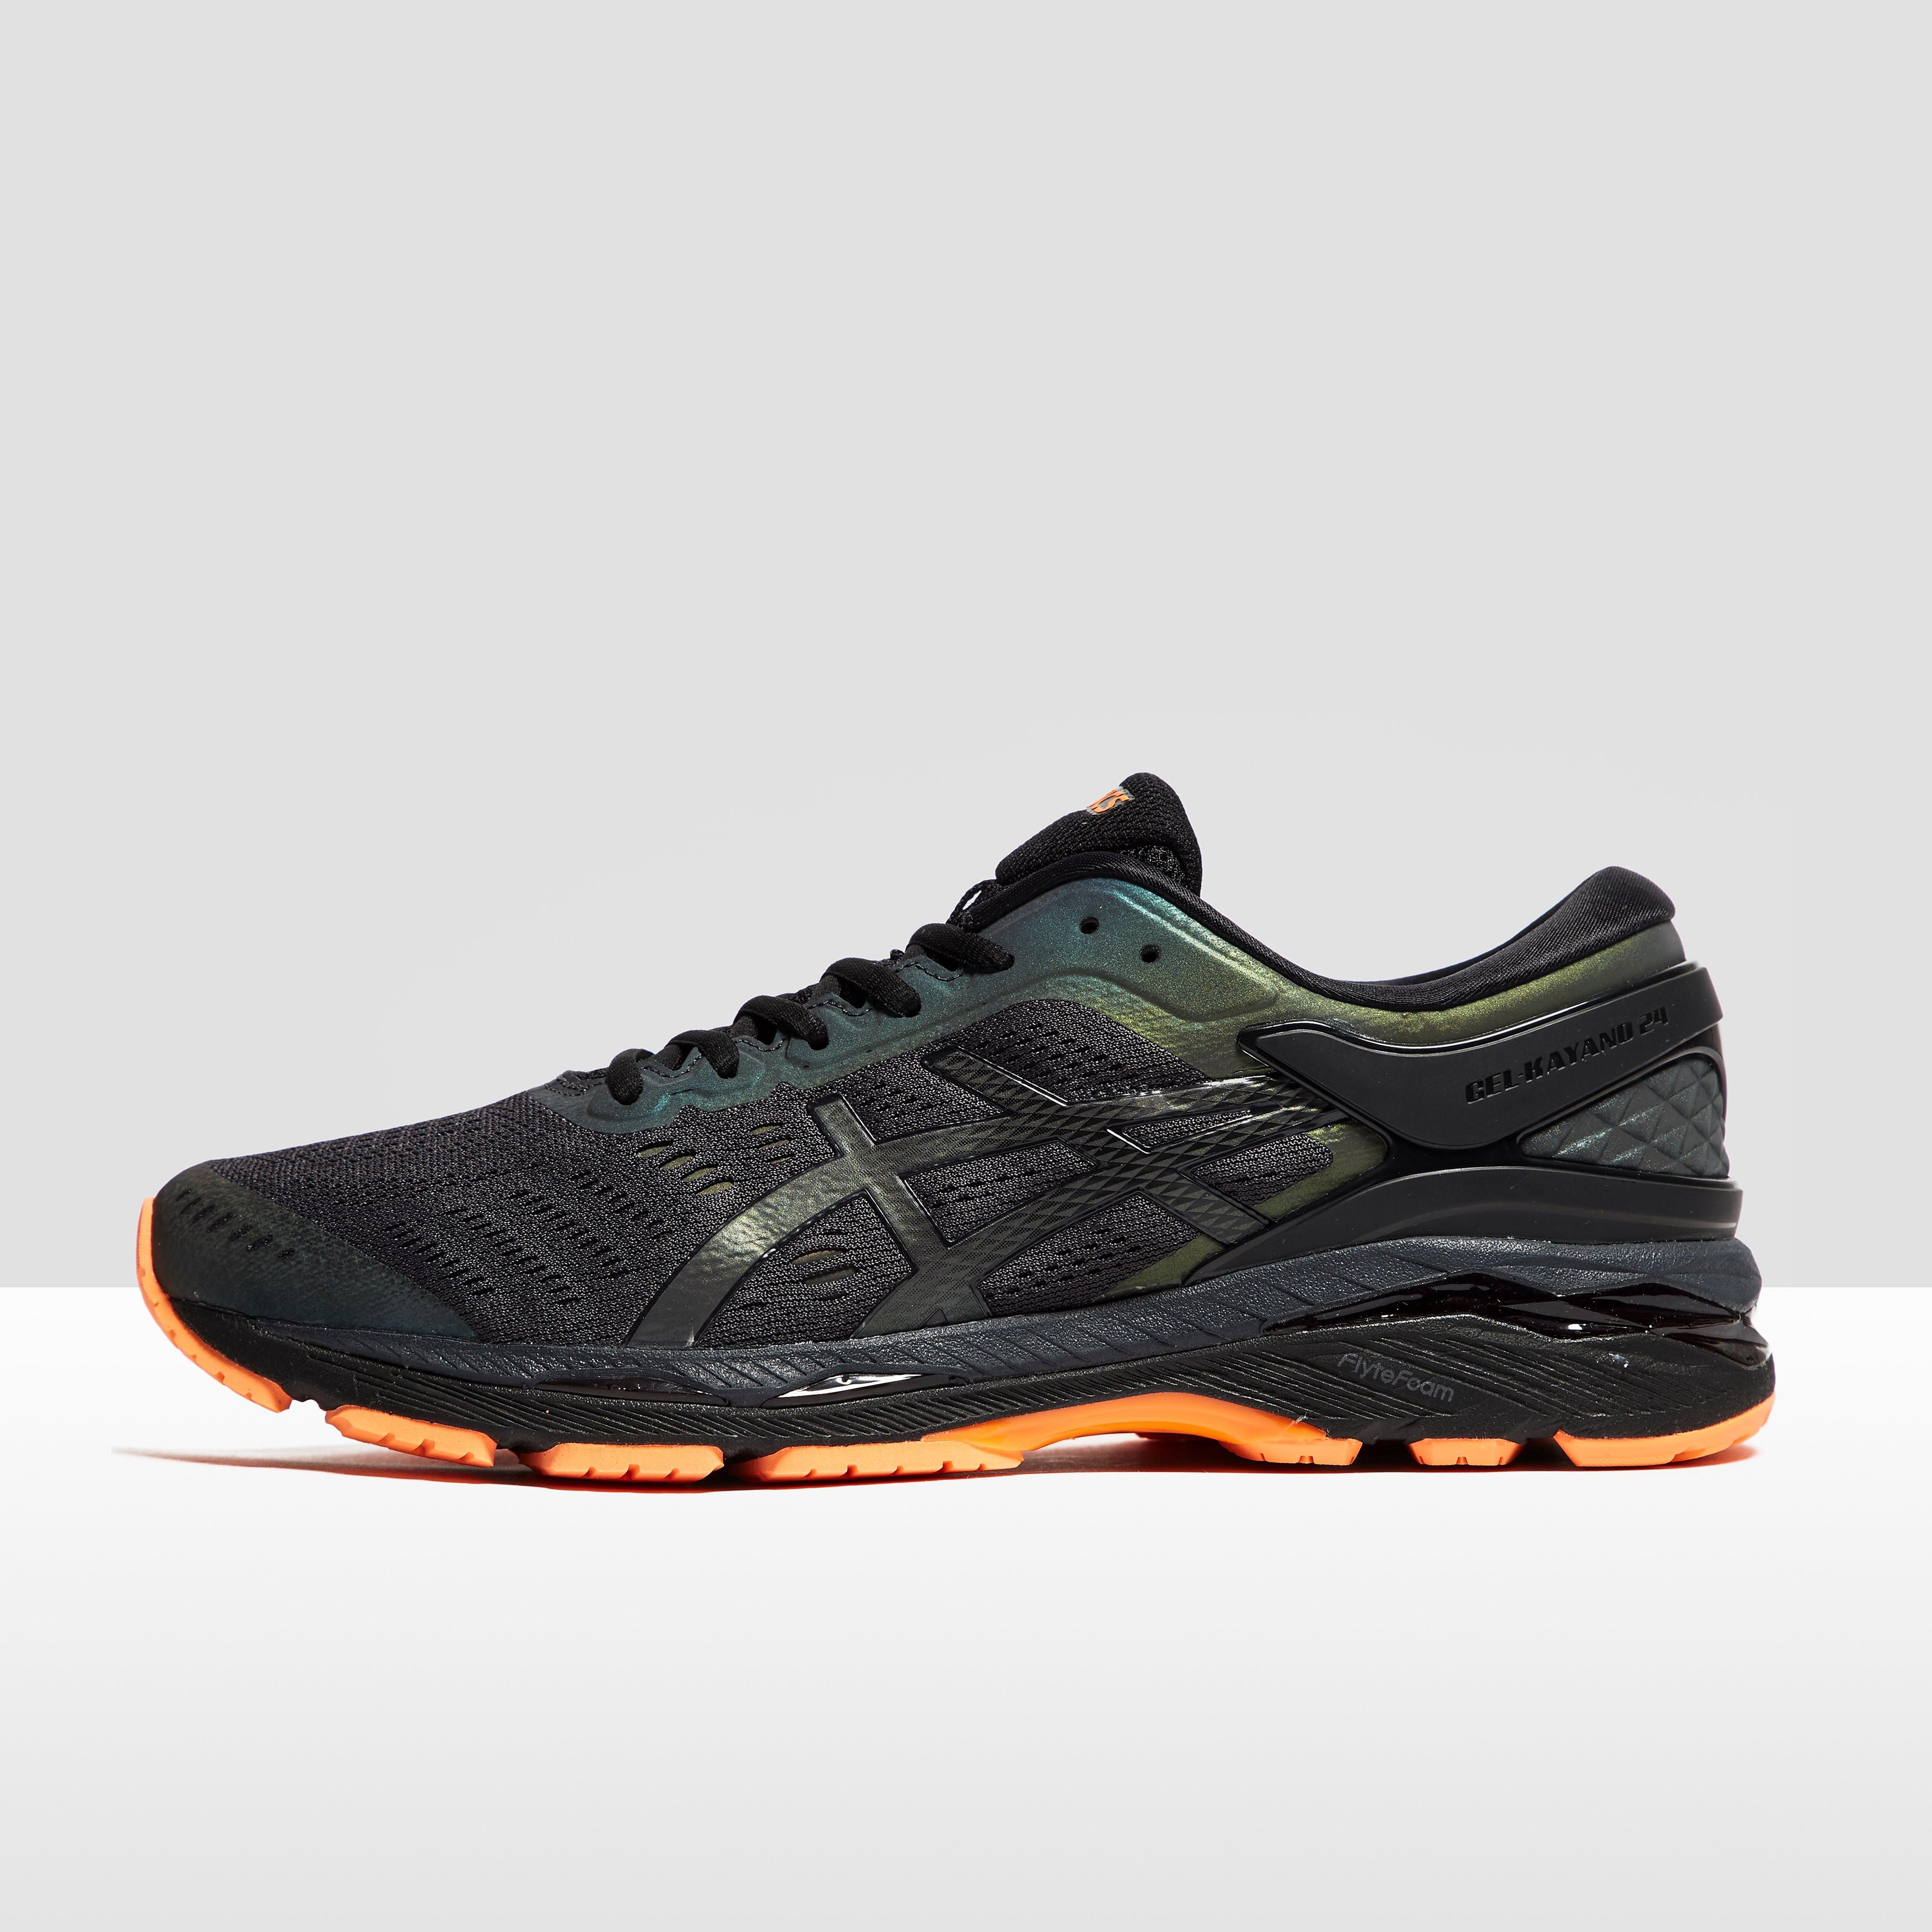 ASICS Gel Kayano 24 Lite Men's Running Shoes